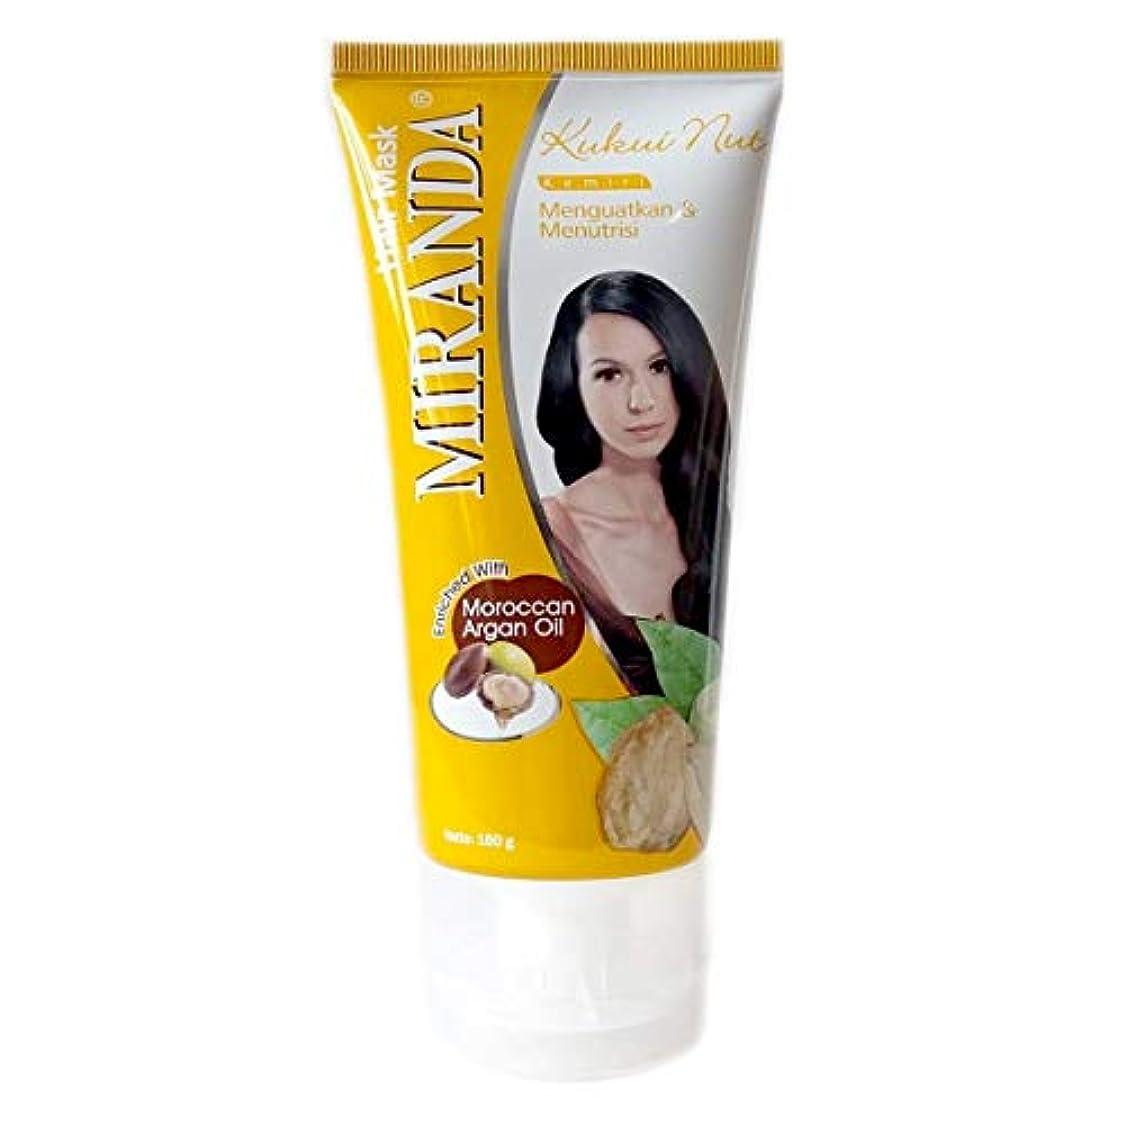 熱望するポスト印象派プレミアムMIRANDA ミランダ Hair Mask ヘアマスク モロッカンアルガンオイル主成分のヘアトリートメント 160g Kukui nut クミリ [海外直送品]